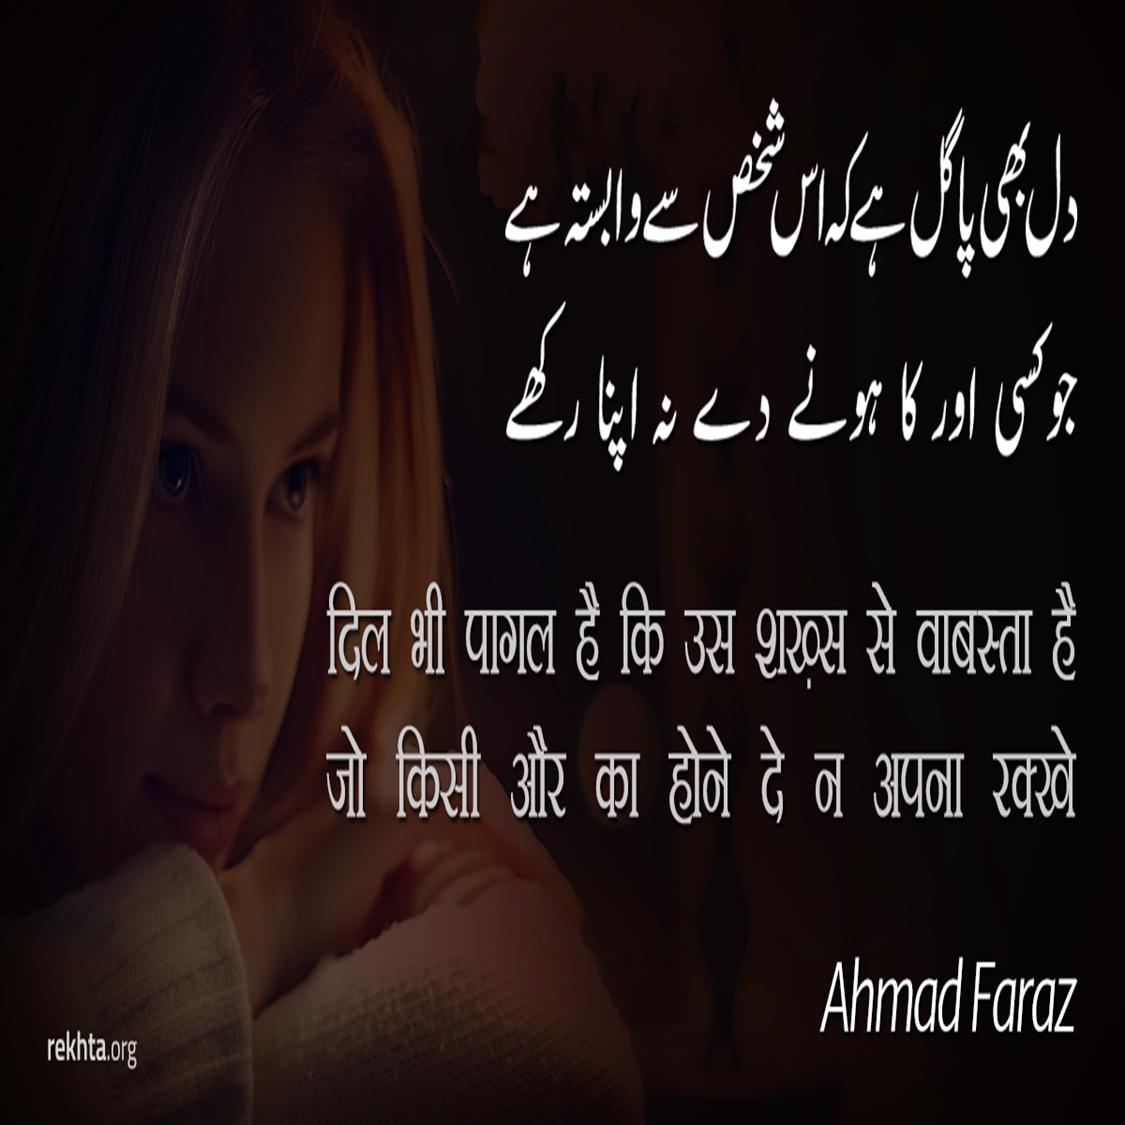 dil bhii paagal hai ki us shaKHs se vaabasta hai-Ahmad Faraz